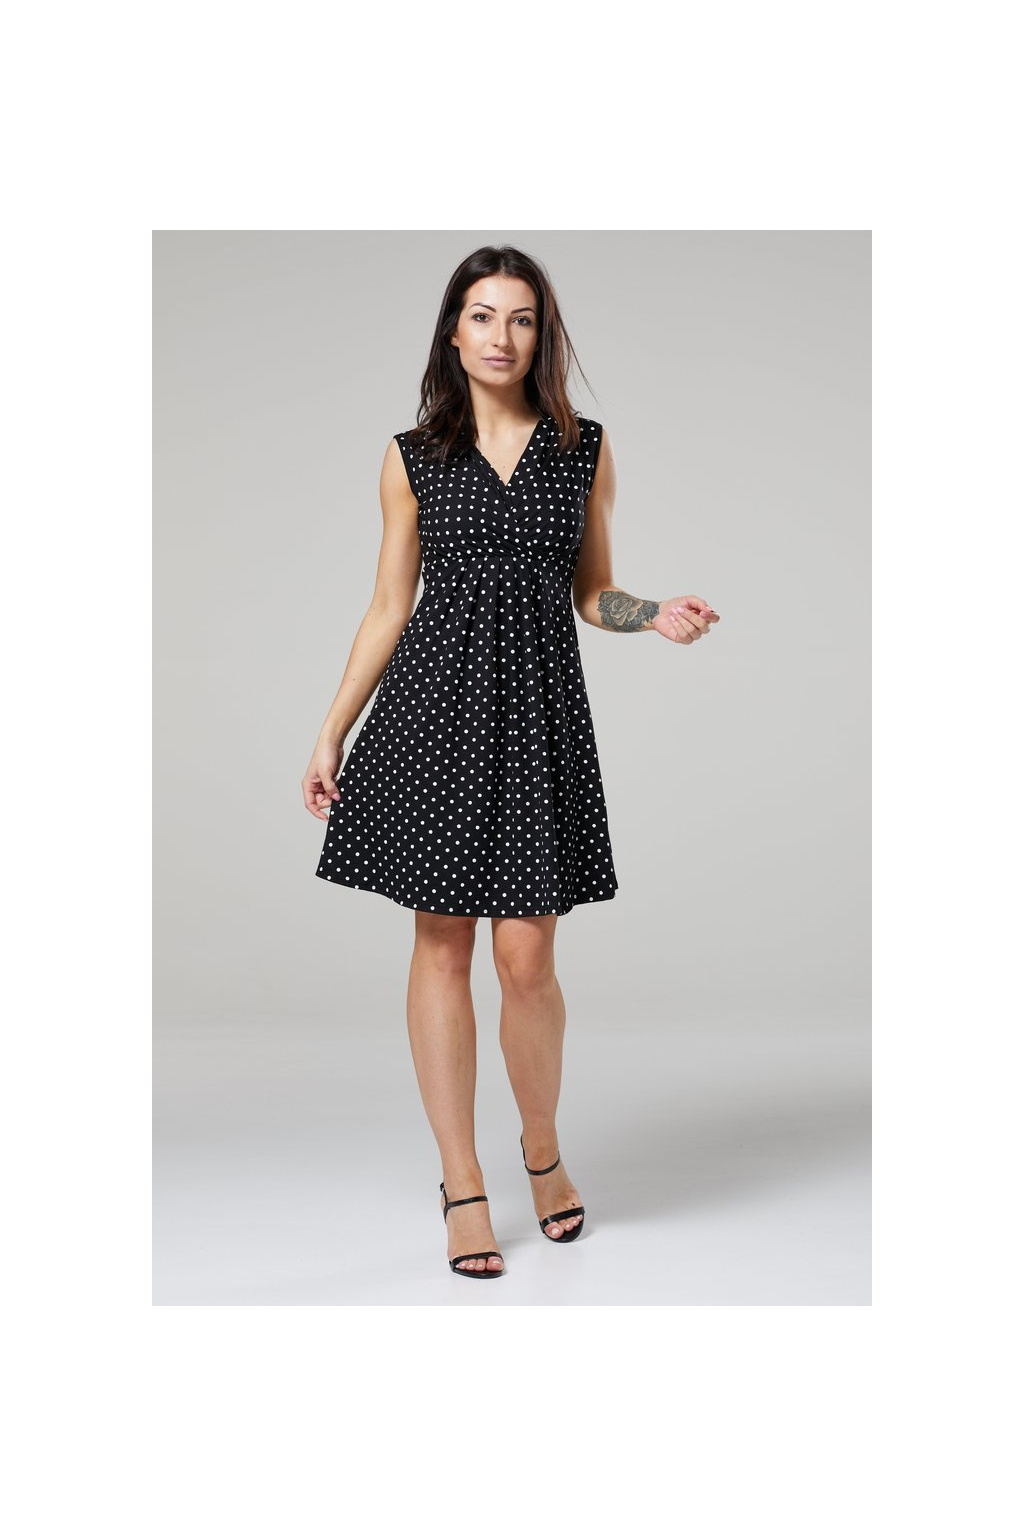 Kojicí šaty s dvojitým výstřihem, černé s puntíky